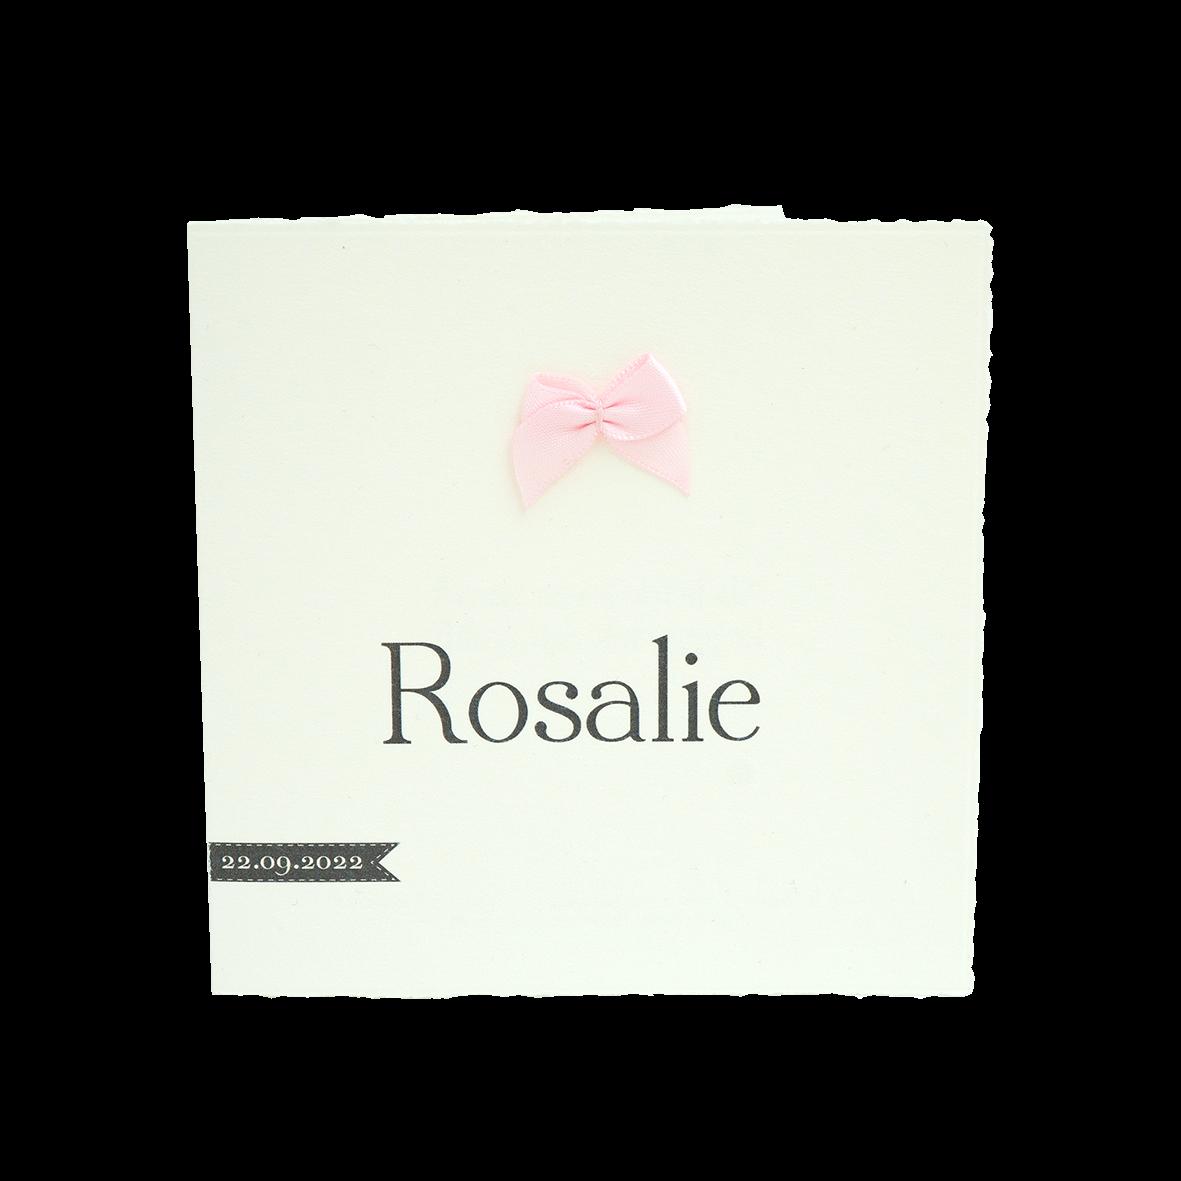 Geboortekaartje klassiek met echt roze strikje